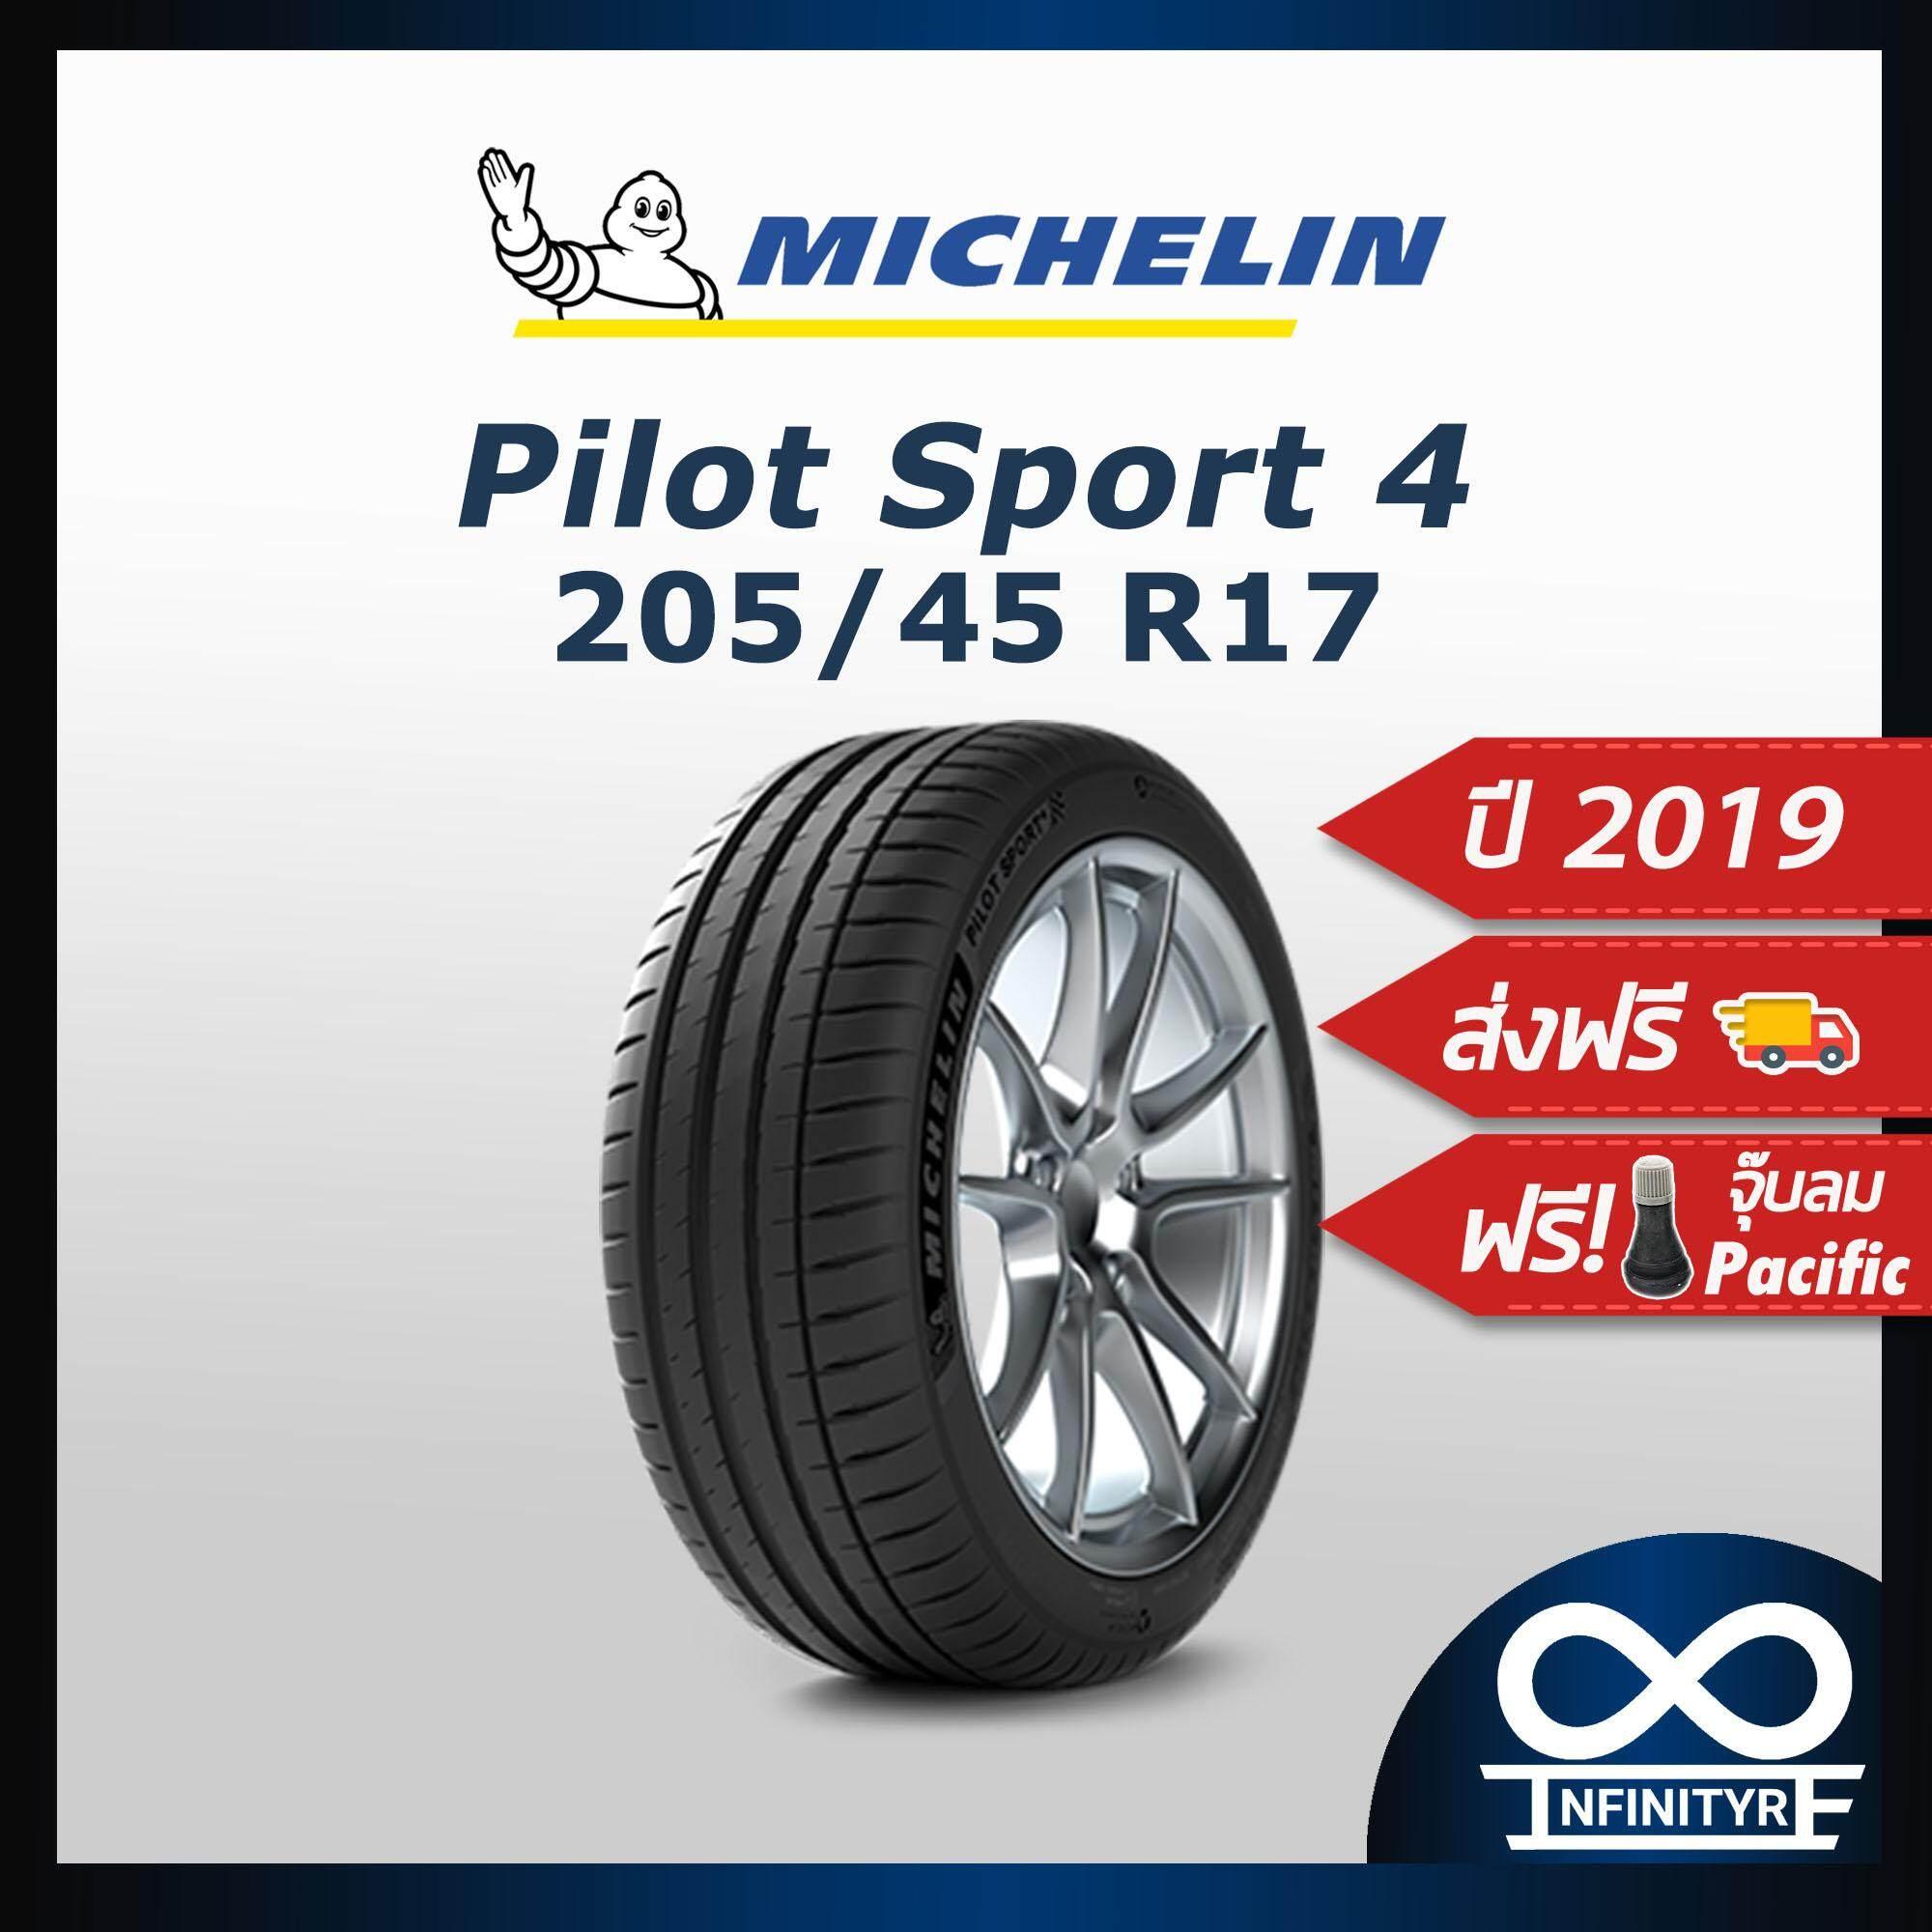 ประกันภัย รถยนต์ 3 พลัส ราคา ถูก นครศรีธรรมราช 205/45R17 Michelin มิชลิน รุ่น Pilot Sport4 (ปี2019) ฟรี! จุ๊บลมPacific เกรดพรีเมี่ยม